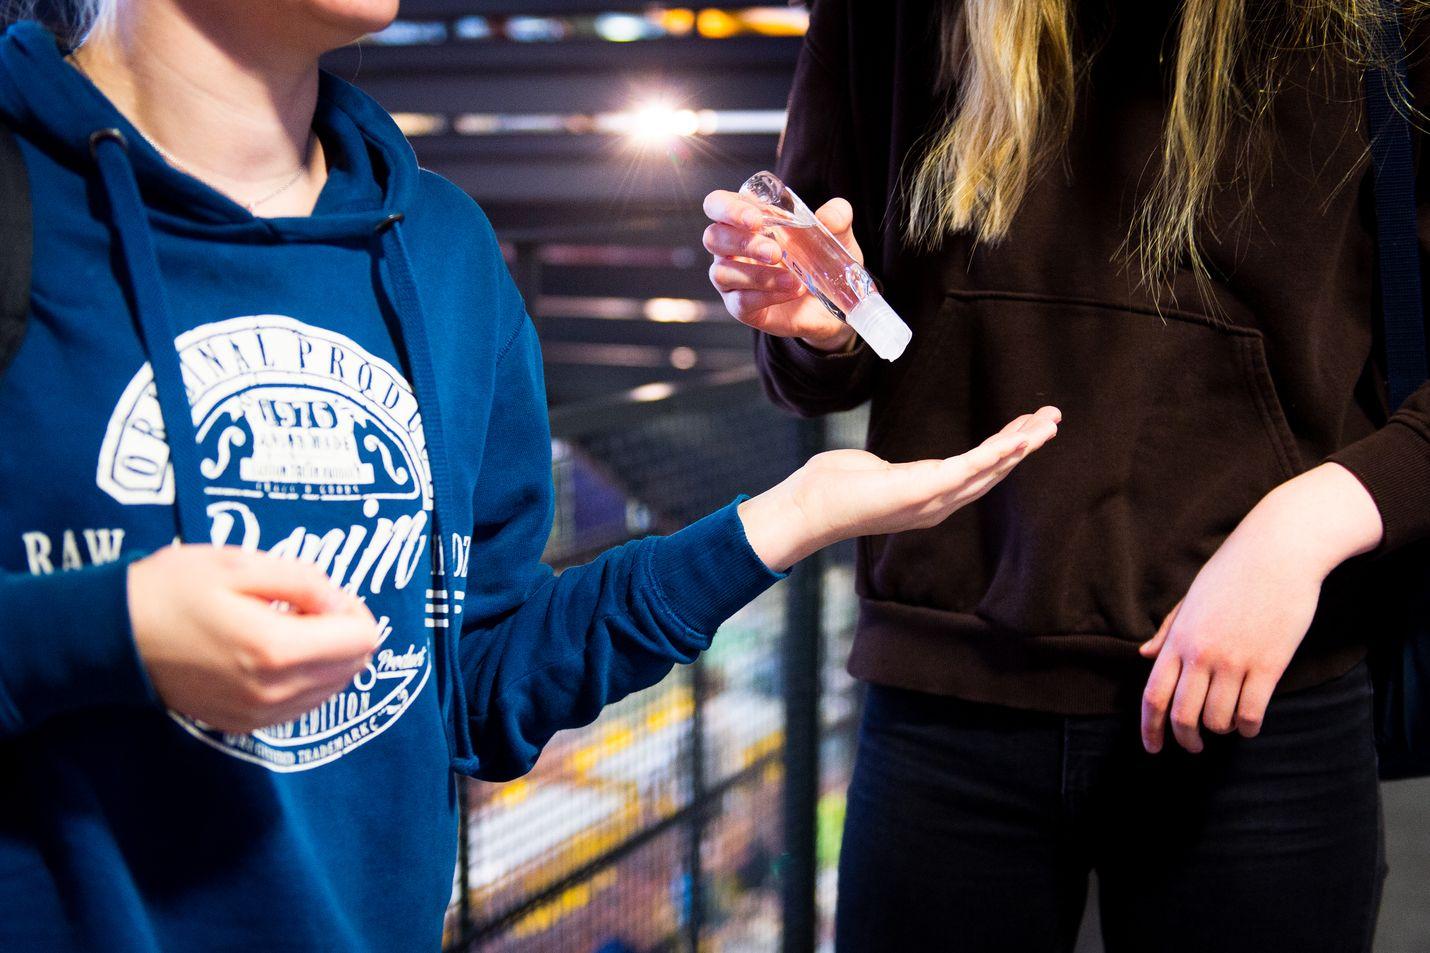 Koronaviruksen vuoksi on kouluja pantu osittain tai kokonaan karanteeniin.  Helsingissä Viikin normaalikoulussa todettiin yksi koronavirustartunta, ja nyt osa oppilaista on karanteenissa.